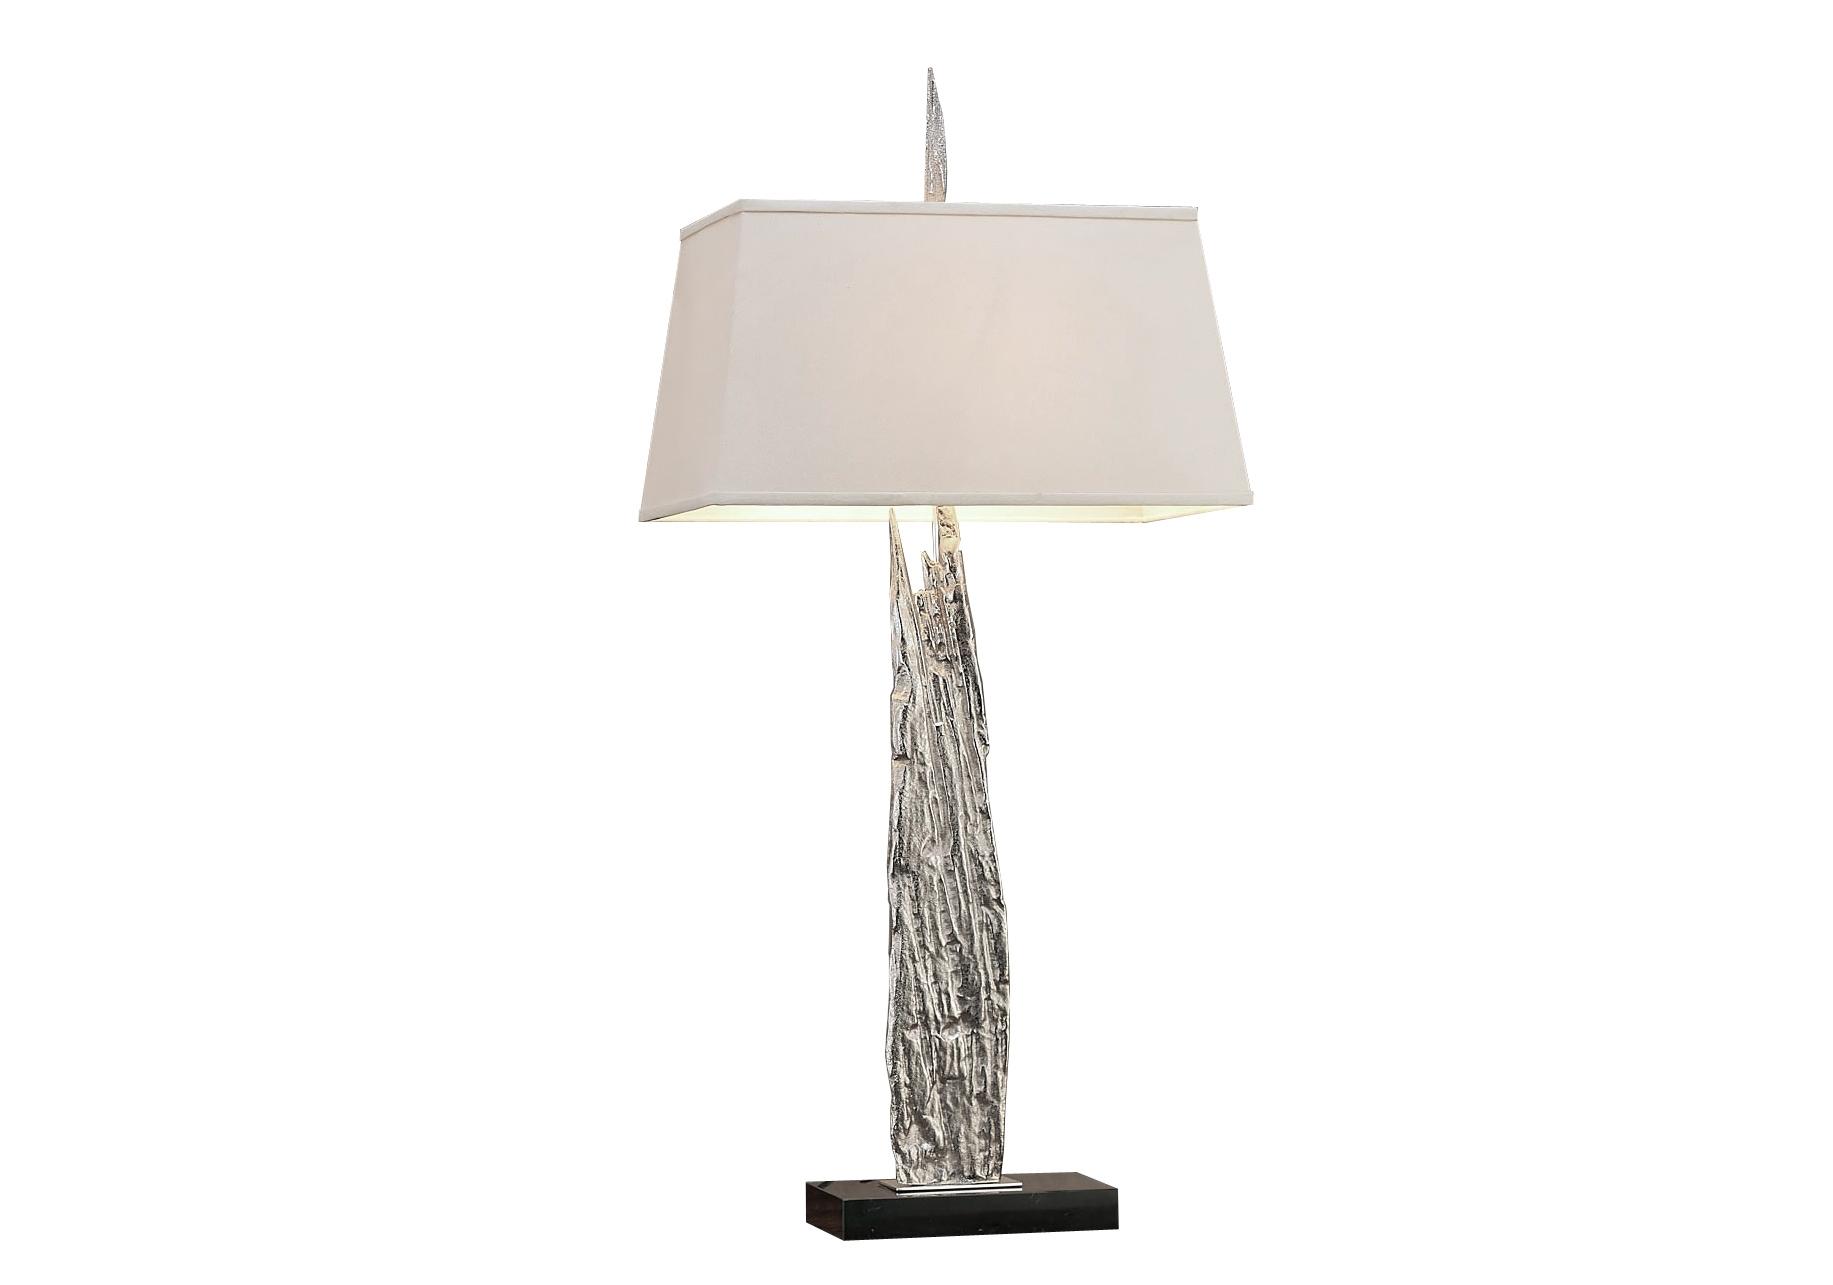 Светильник настольный AstiДекоративные лампы<br>&amp;lt;div&amp;gt;Настольная лампа серебристого цвета, с тканевым абажуром молочного цвета и на подставке из натурального мрамора. В любом интерьере она будет стильным элементом декора.&amp;lt;/div&amp;gt;&amp;lt;div&amp;gt;&amp;lt;br&amp;gt;&amp;lt;/div&amp;gt;&amp;lt;div&amp;gt;Вид цоколя: E27&amp;lt;/div&amp;gt;&amp;lt;div&amp;gt;Мощность: 60W&amp;lt;/div&amp;gt;&amp;lt;div&amp;gt;Количество ламп: 1 (нет в комплекте)&amp;lt;/div&amp;gt;&amp;lt;div&amp;gt;Материал: цинковый сплав&amp;lt;br&amp;gt;&amp;lt;/div&amp;gt;<br><br>Material: Металл<br>Ширина см: 48<br>Высота см: 64<br>Глубина см: 26